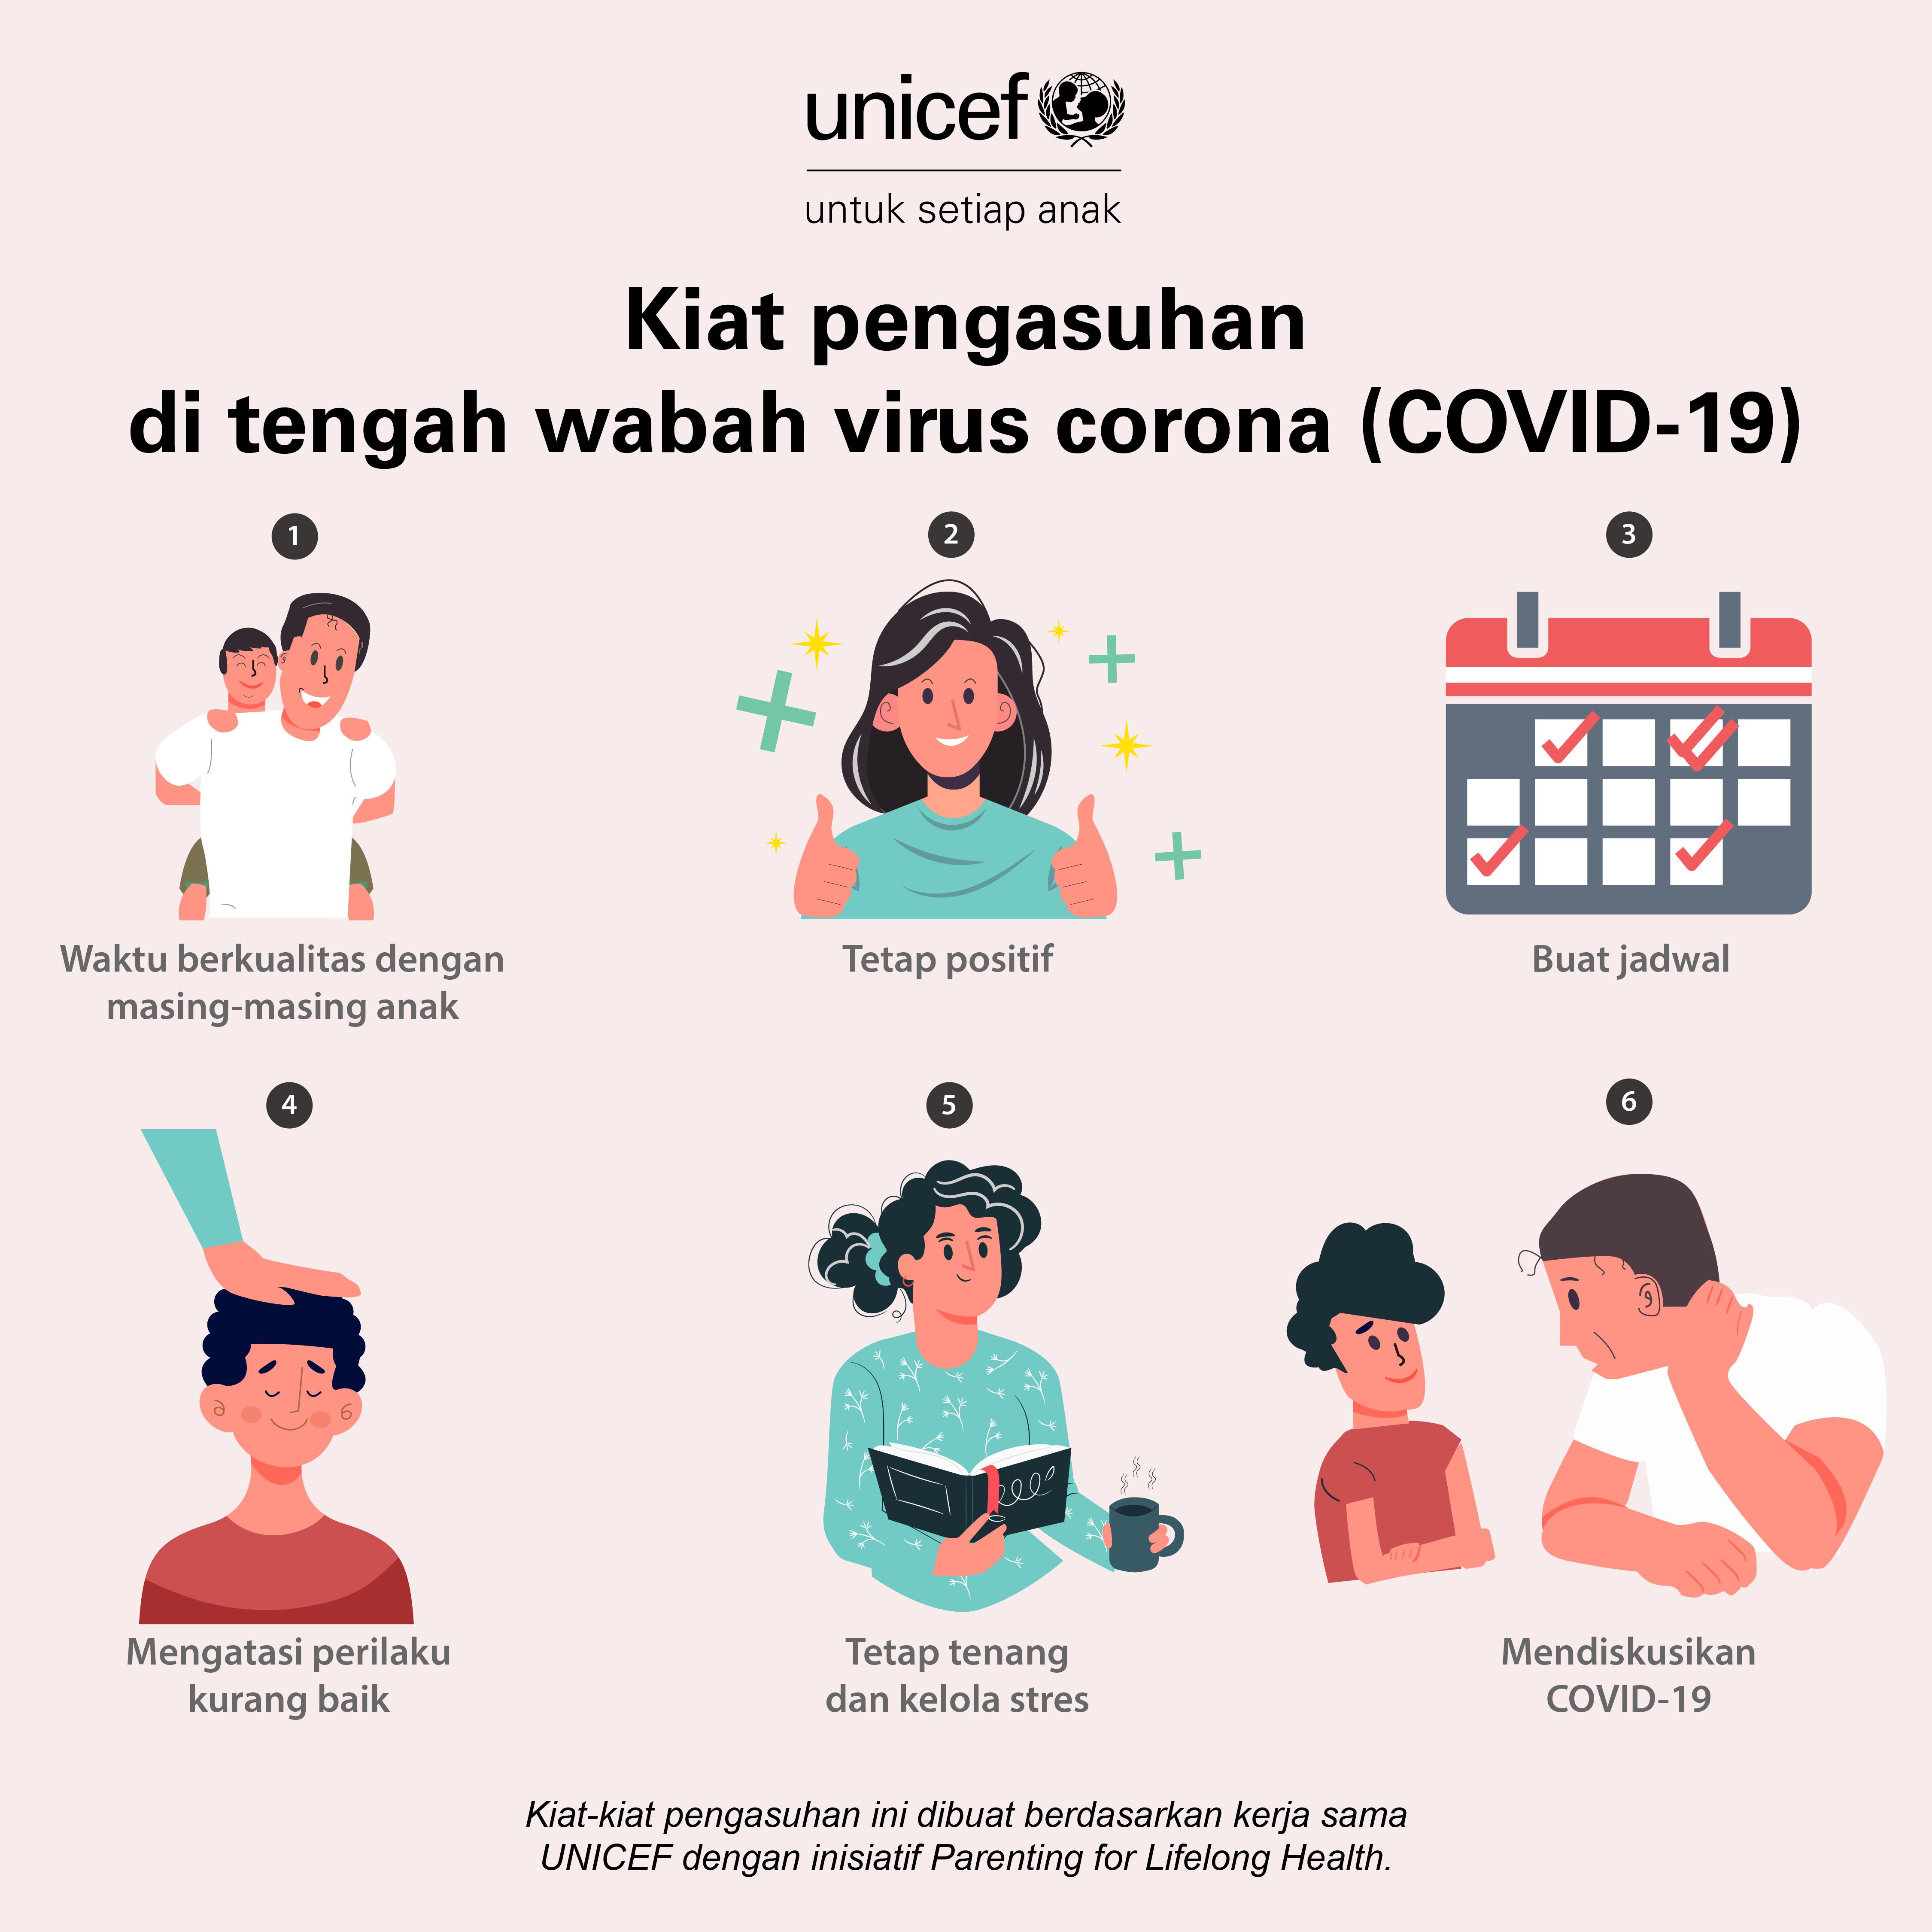 Makalah Pandemi Covid 19 Di Indonesia